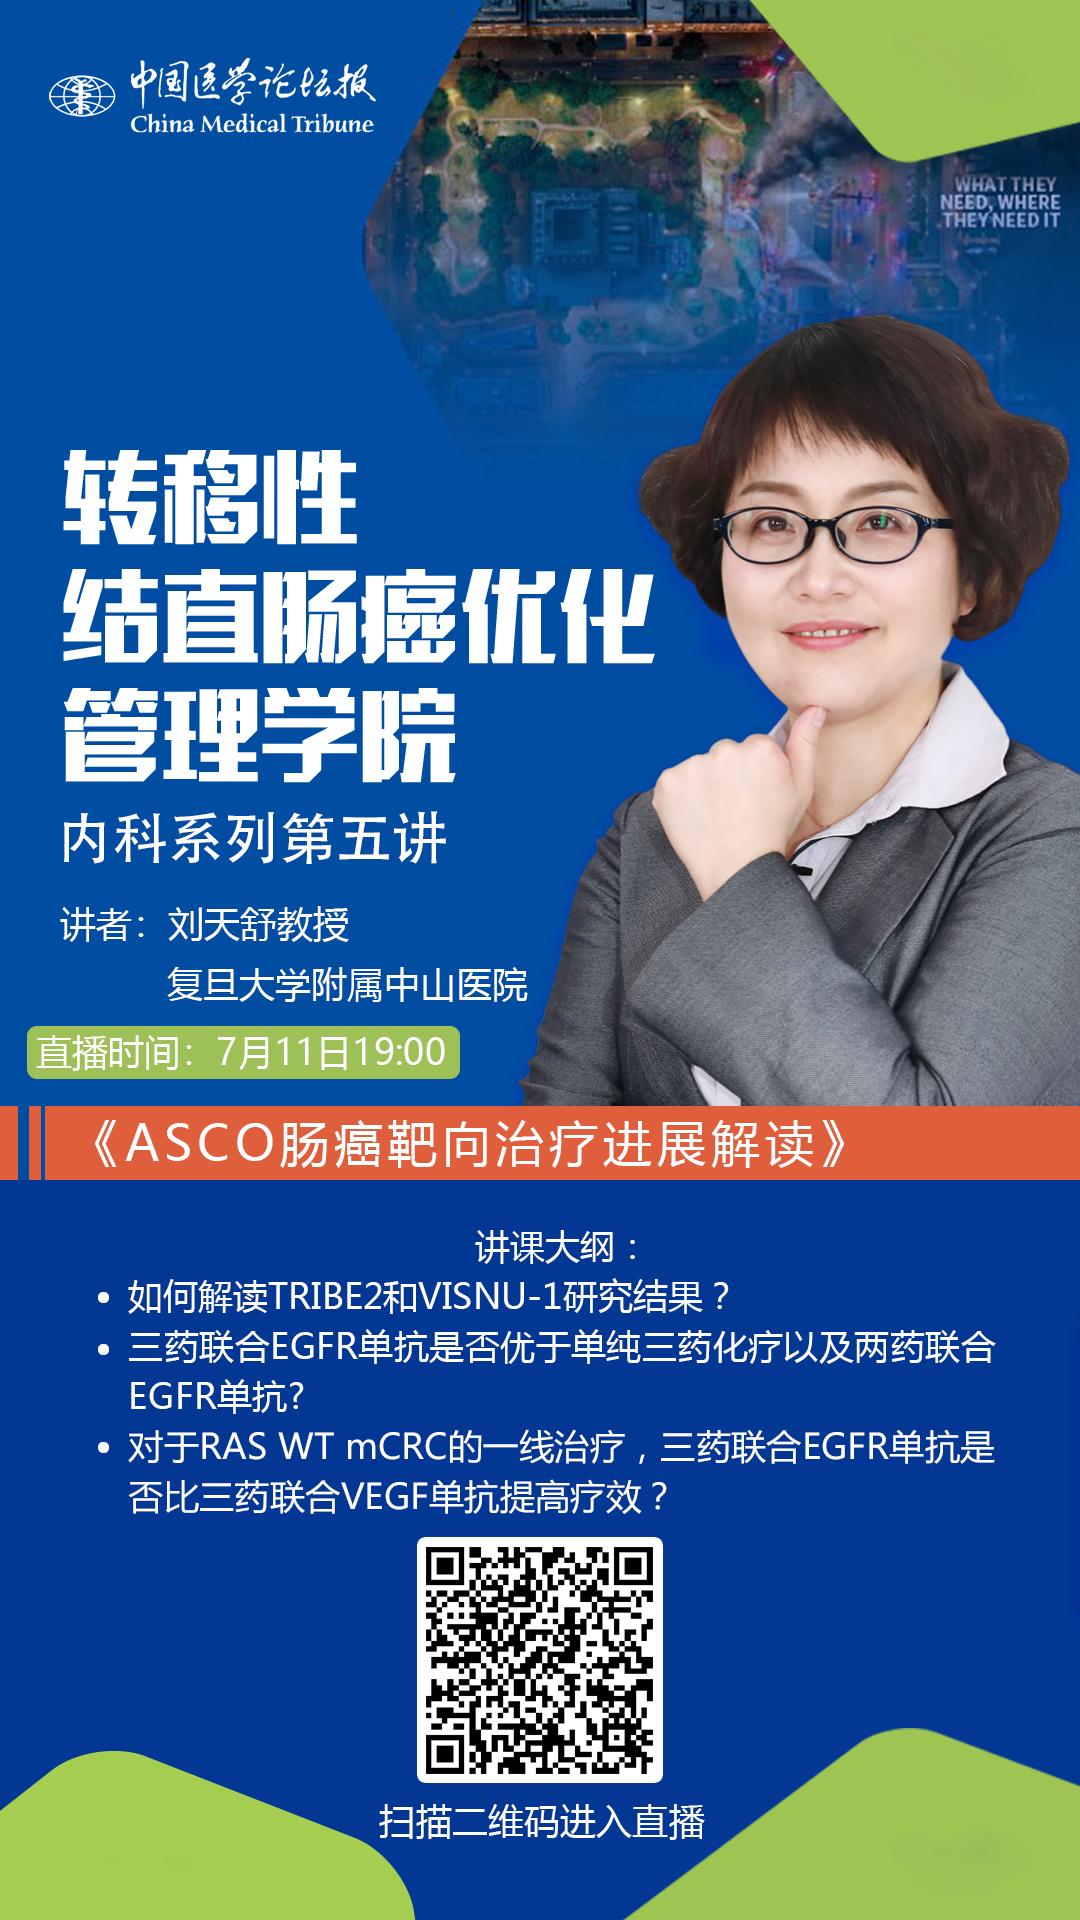 10-刘天舒教授-ps文件-内科5海报最终版.png